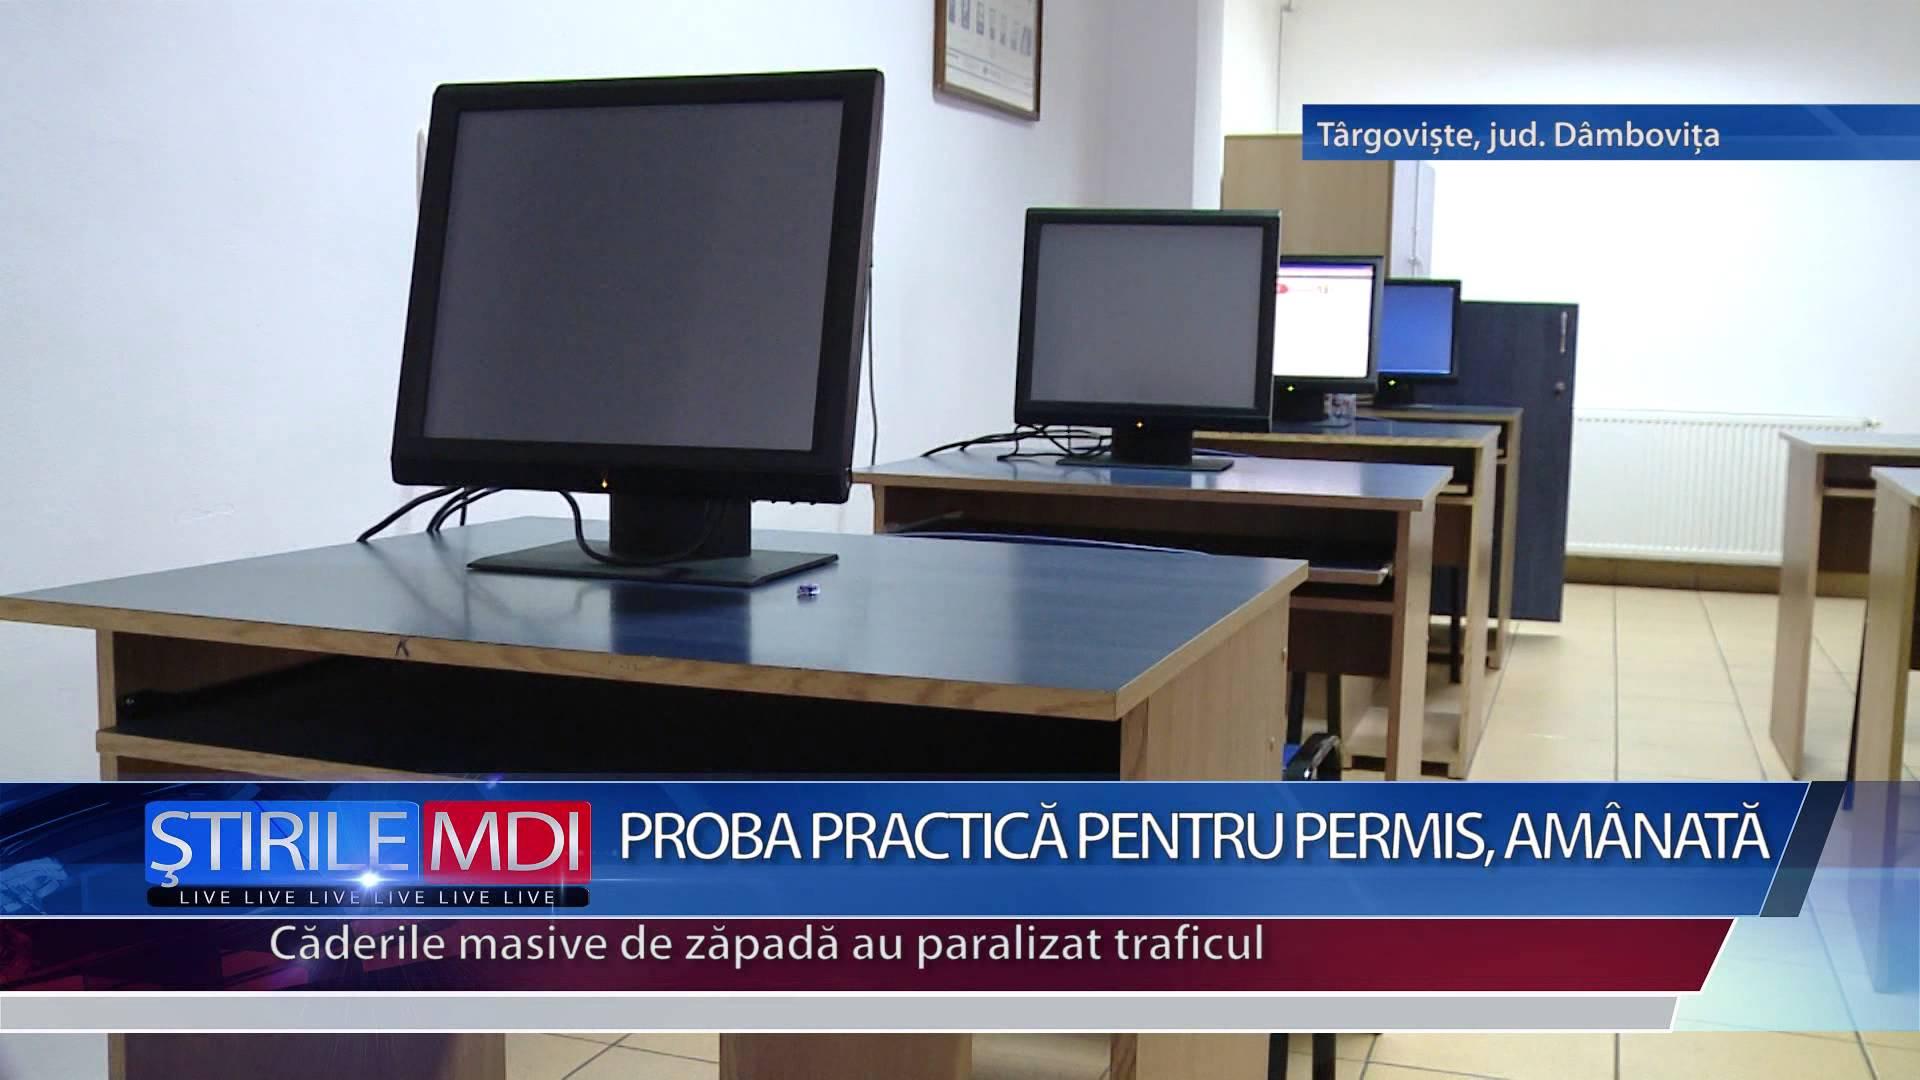 PROBA PRACTICĂ PENTRU PERMIS, AMÂNATĂ